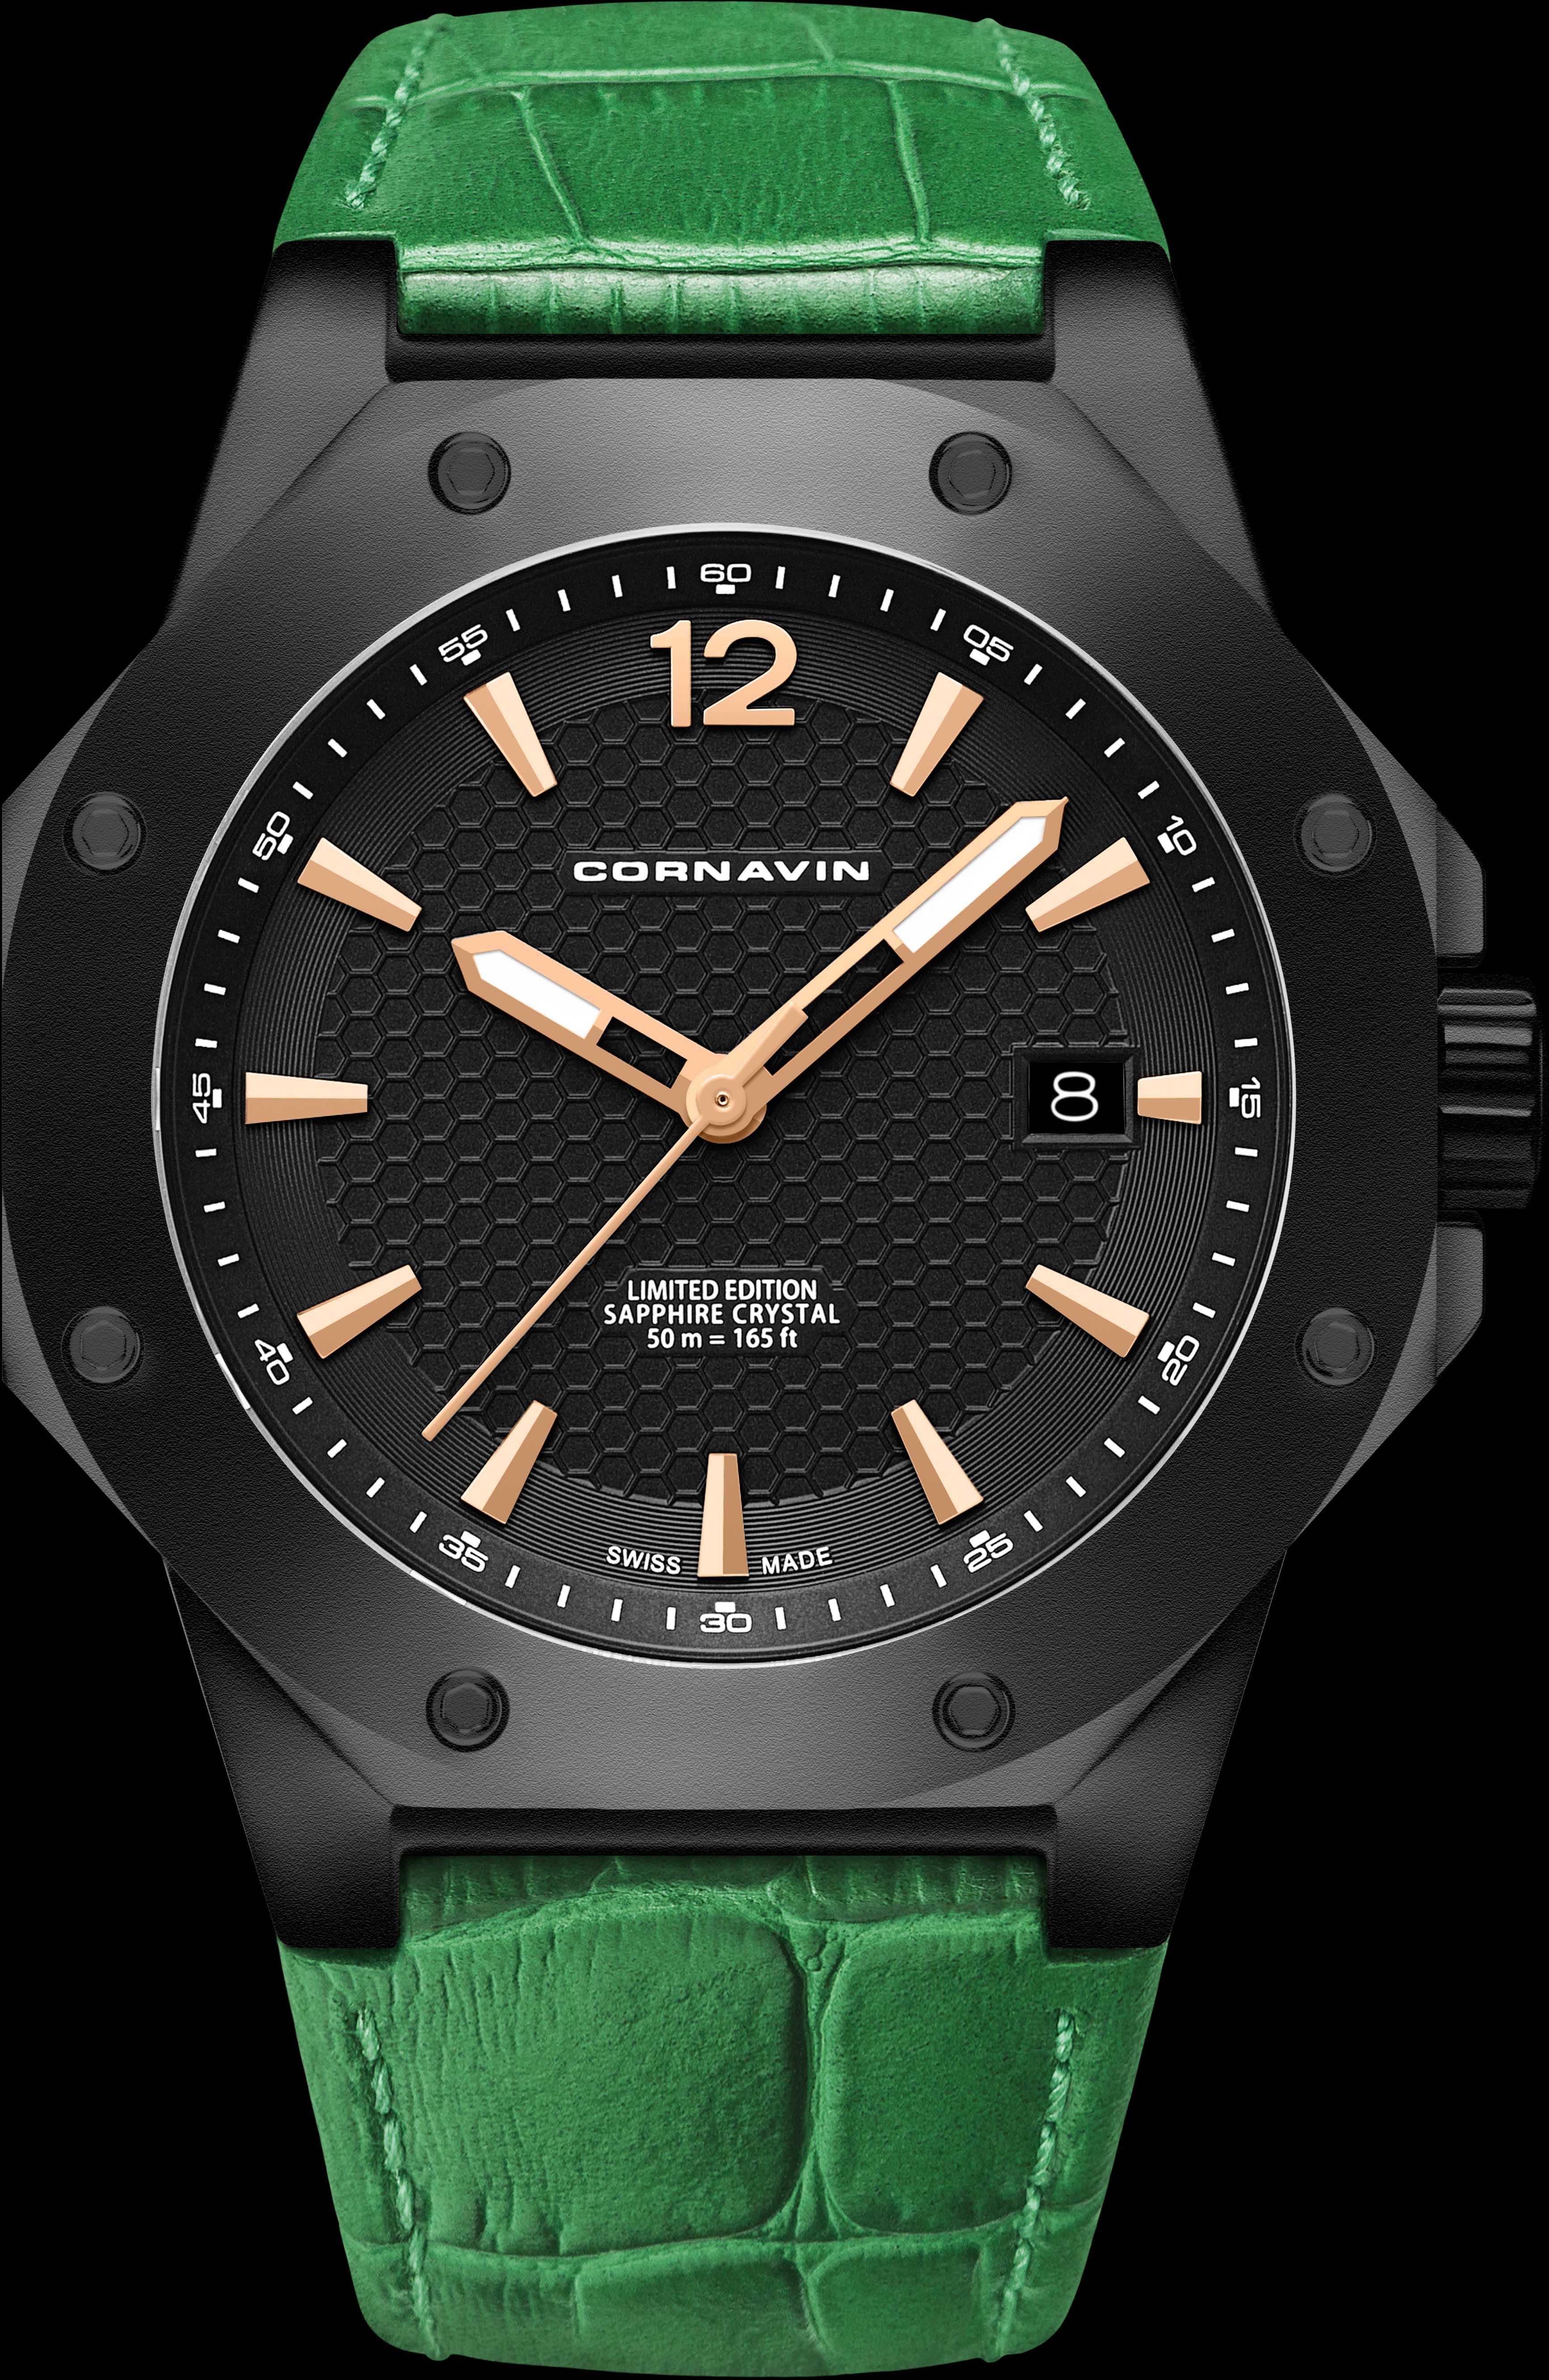 Cornavin Watches 7092010241